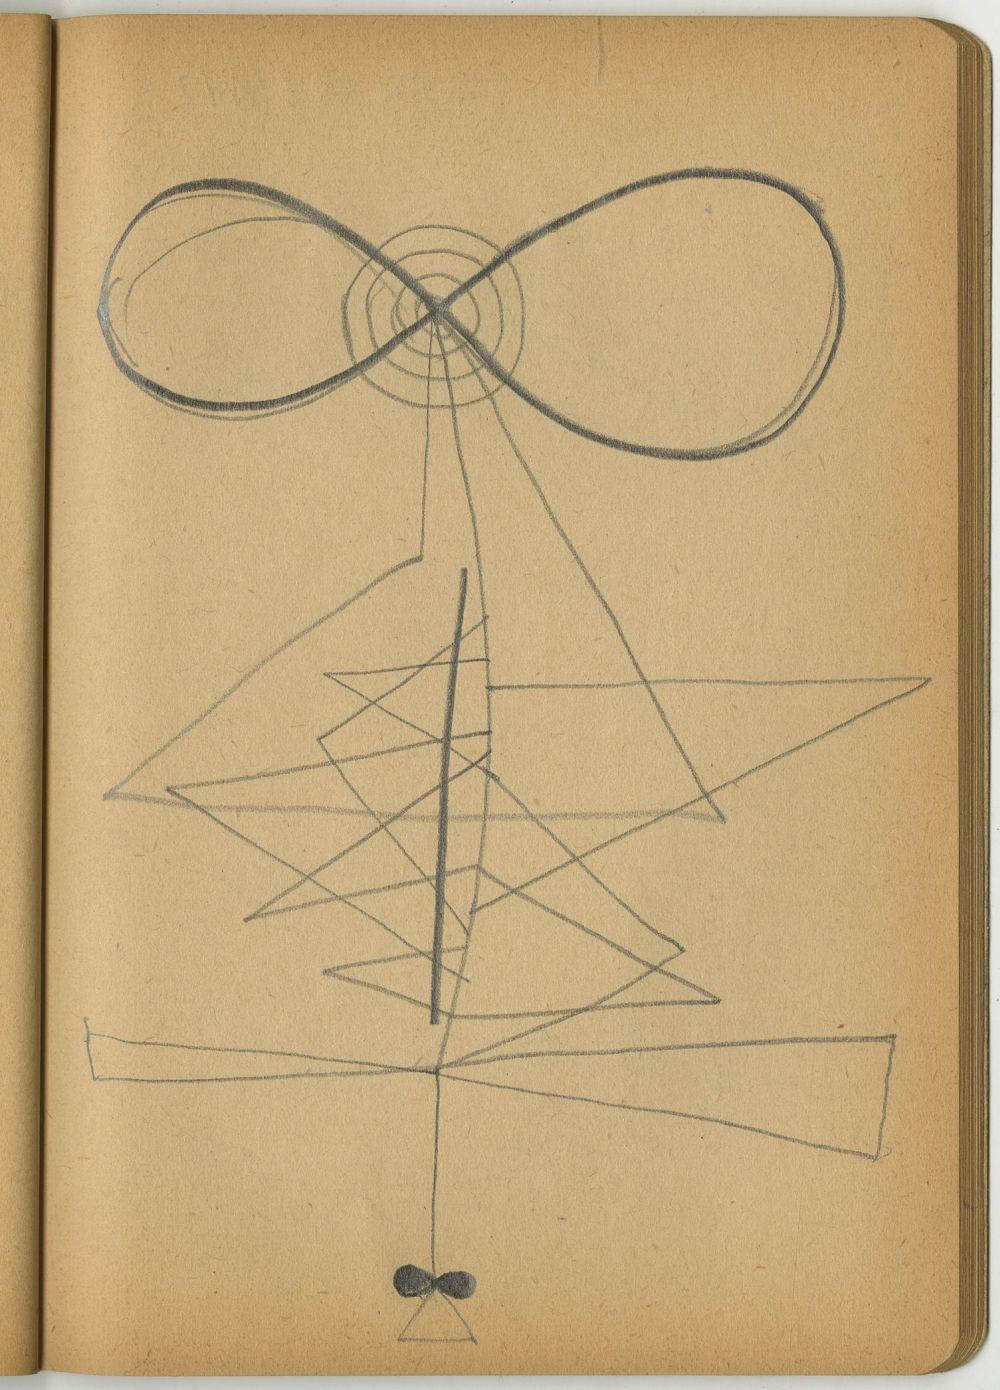 G39389(142)<br/><b>Cím:</b> Cím nélkül<br/><b>Méret (cm):</b> 17,3x11,5<br/><b>Készült:</b> 1948.<br/><b>Technika:</b> ceruza<br/>